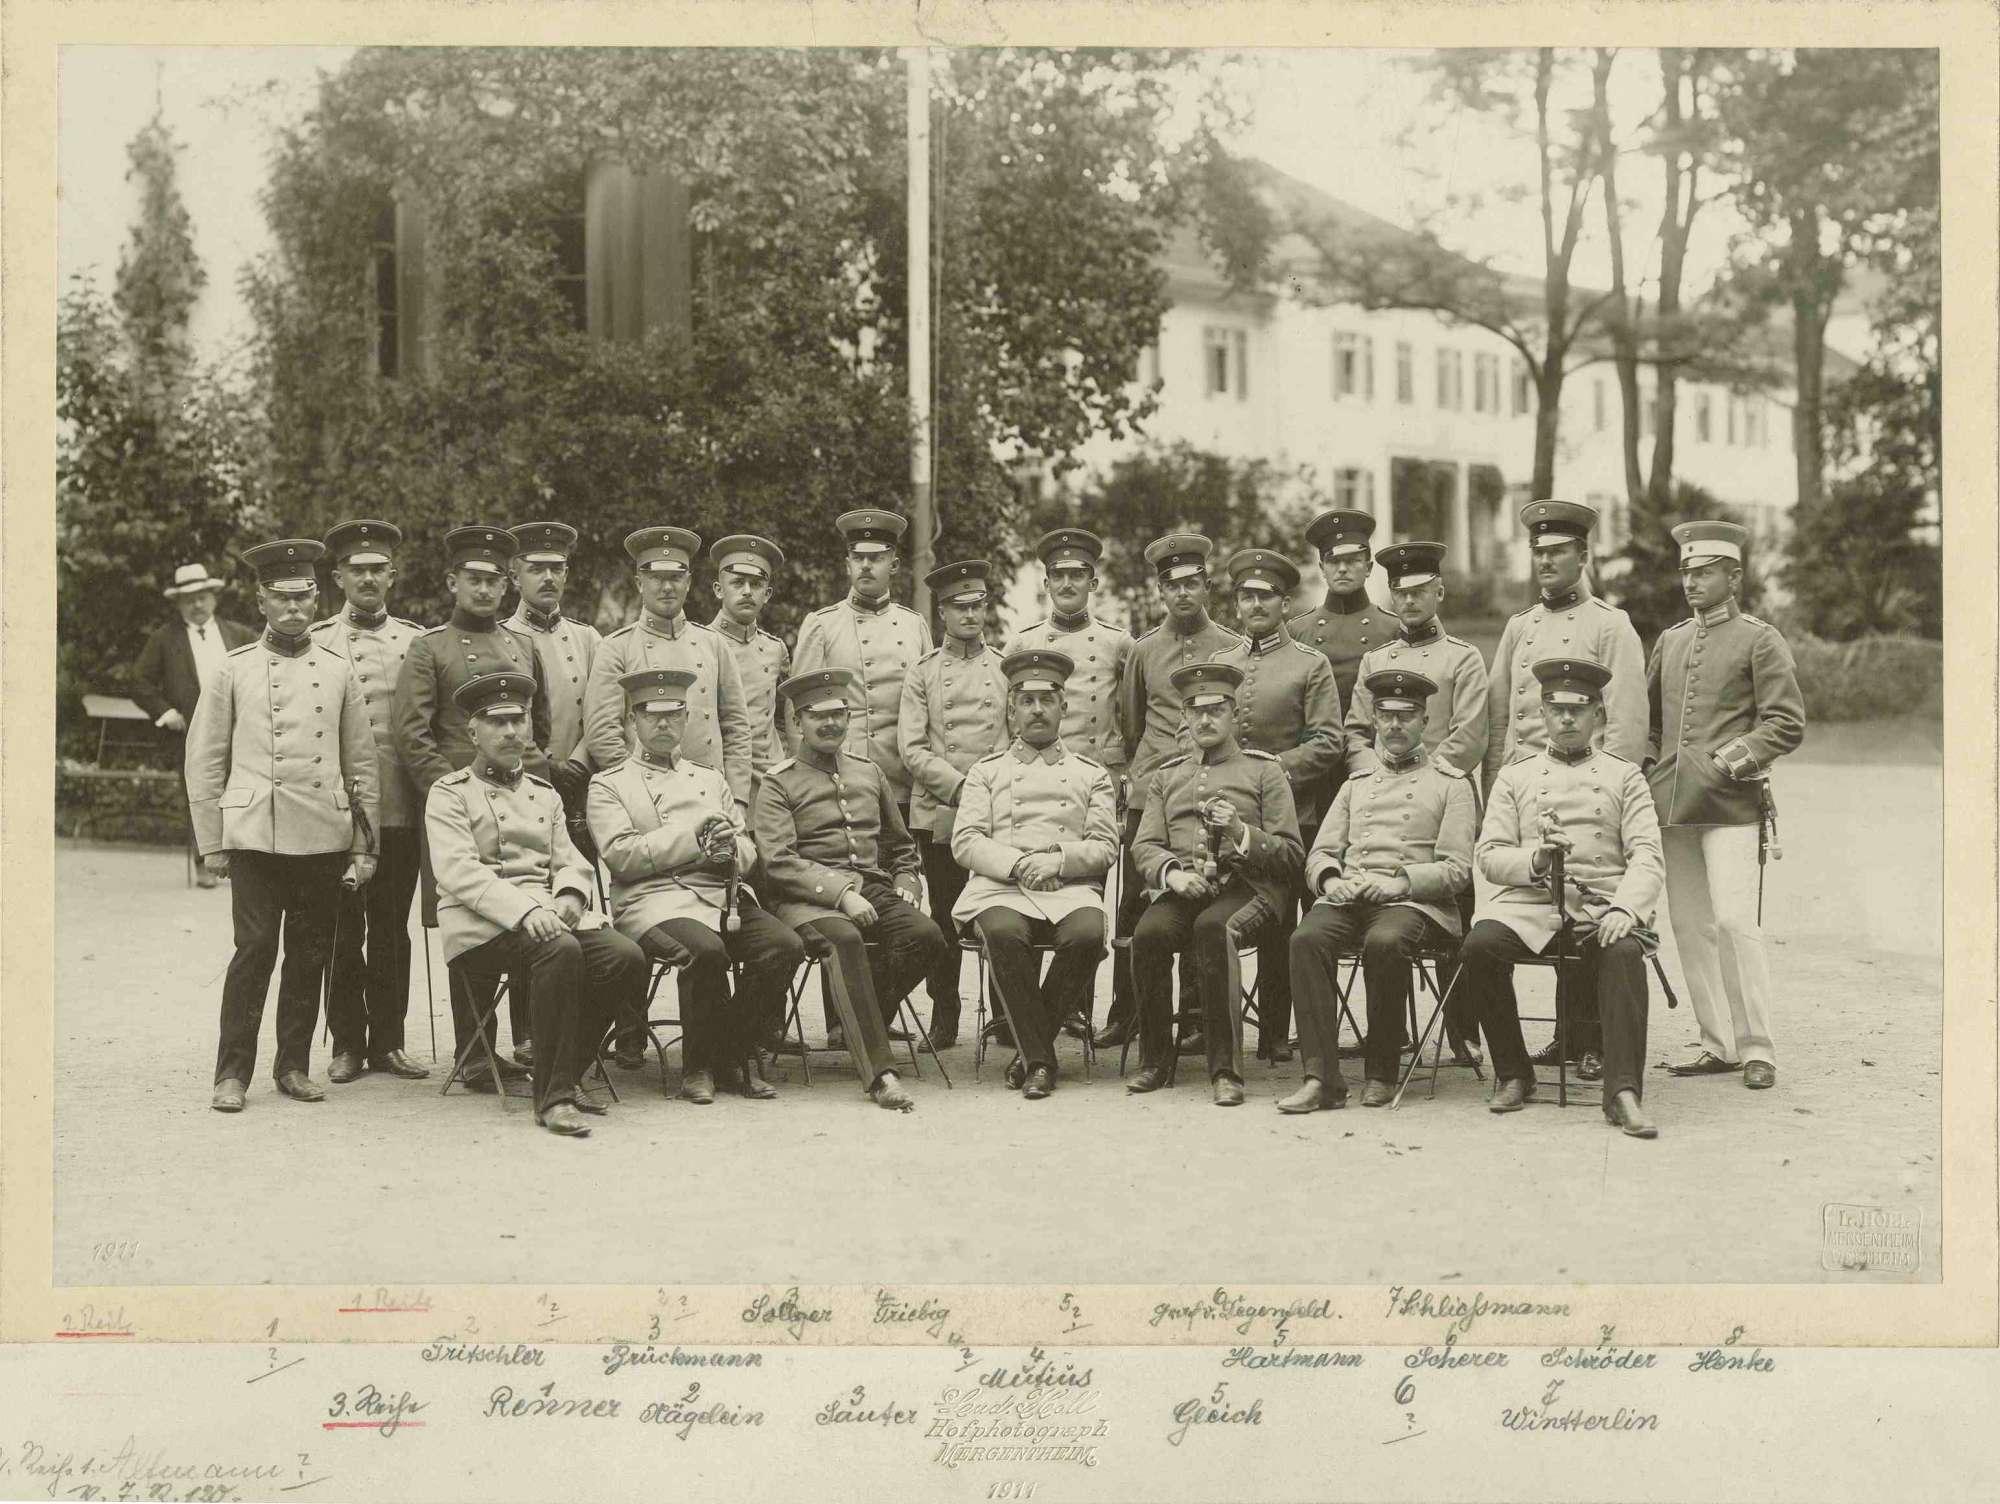 Generalstabsreise 1911, zweiundzwanzig Offiziere, teils stehend, teils sitzend, in Uniform und Mütze in Mergentheim, vorwiegend Brustbilder, Bild 1